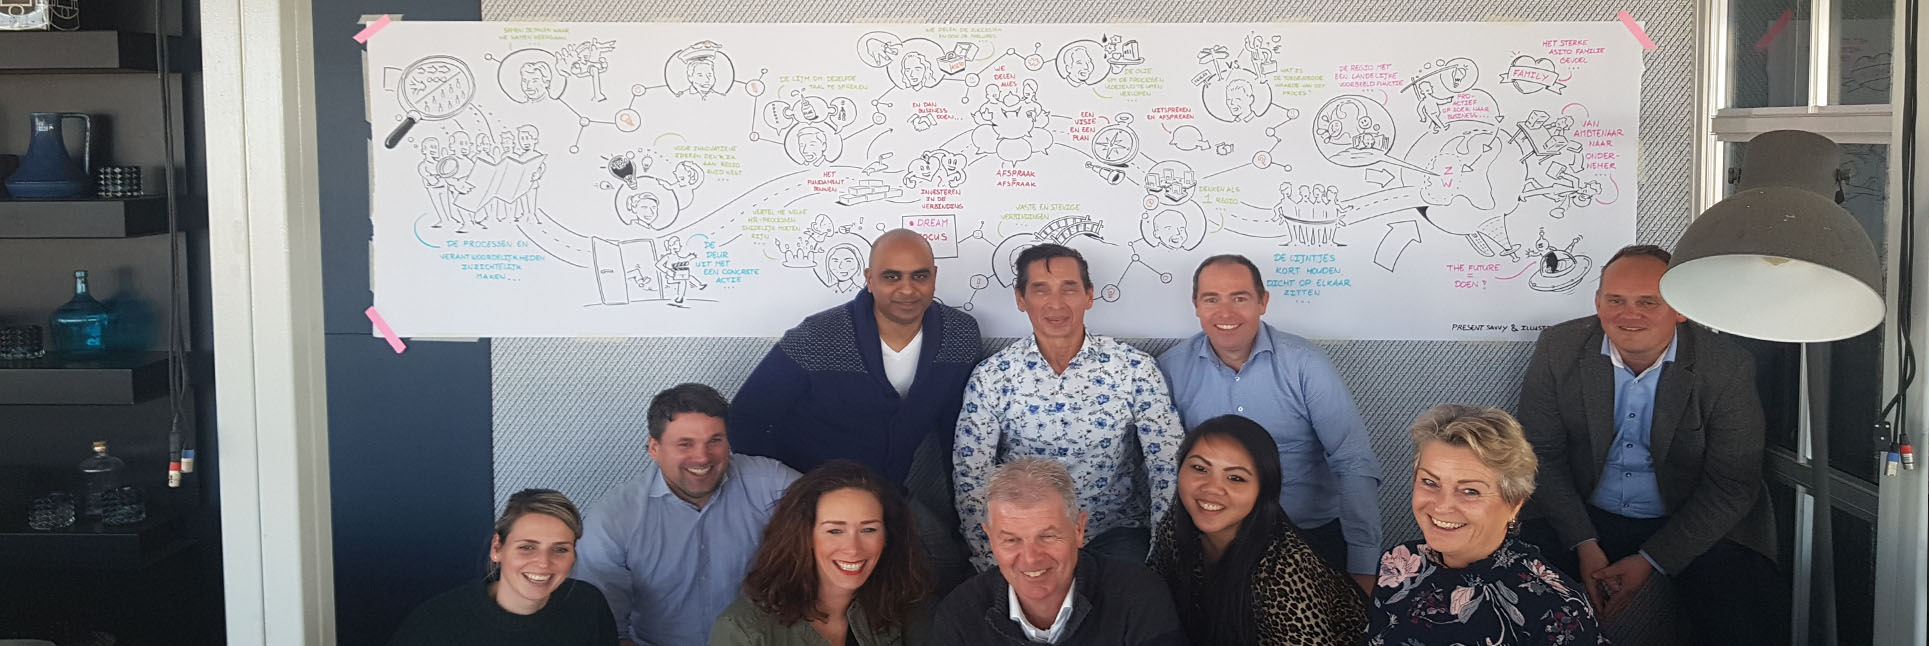 groep collega's voor een strategie tekening